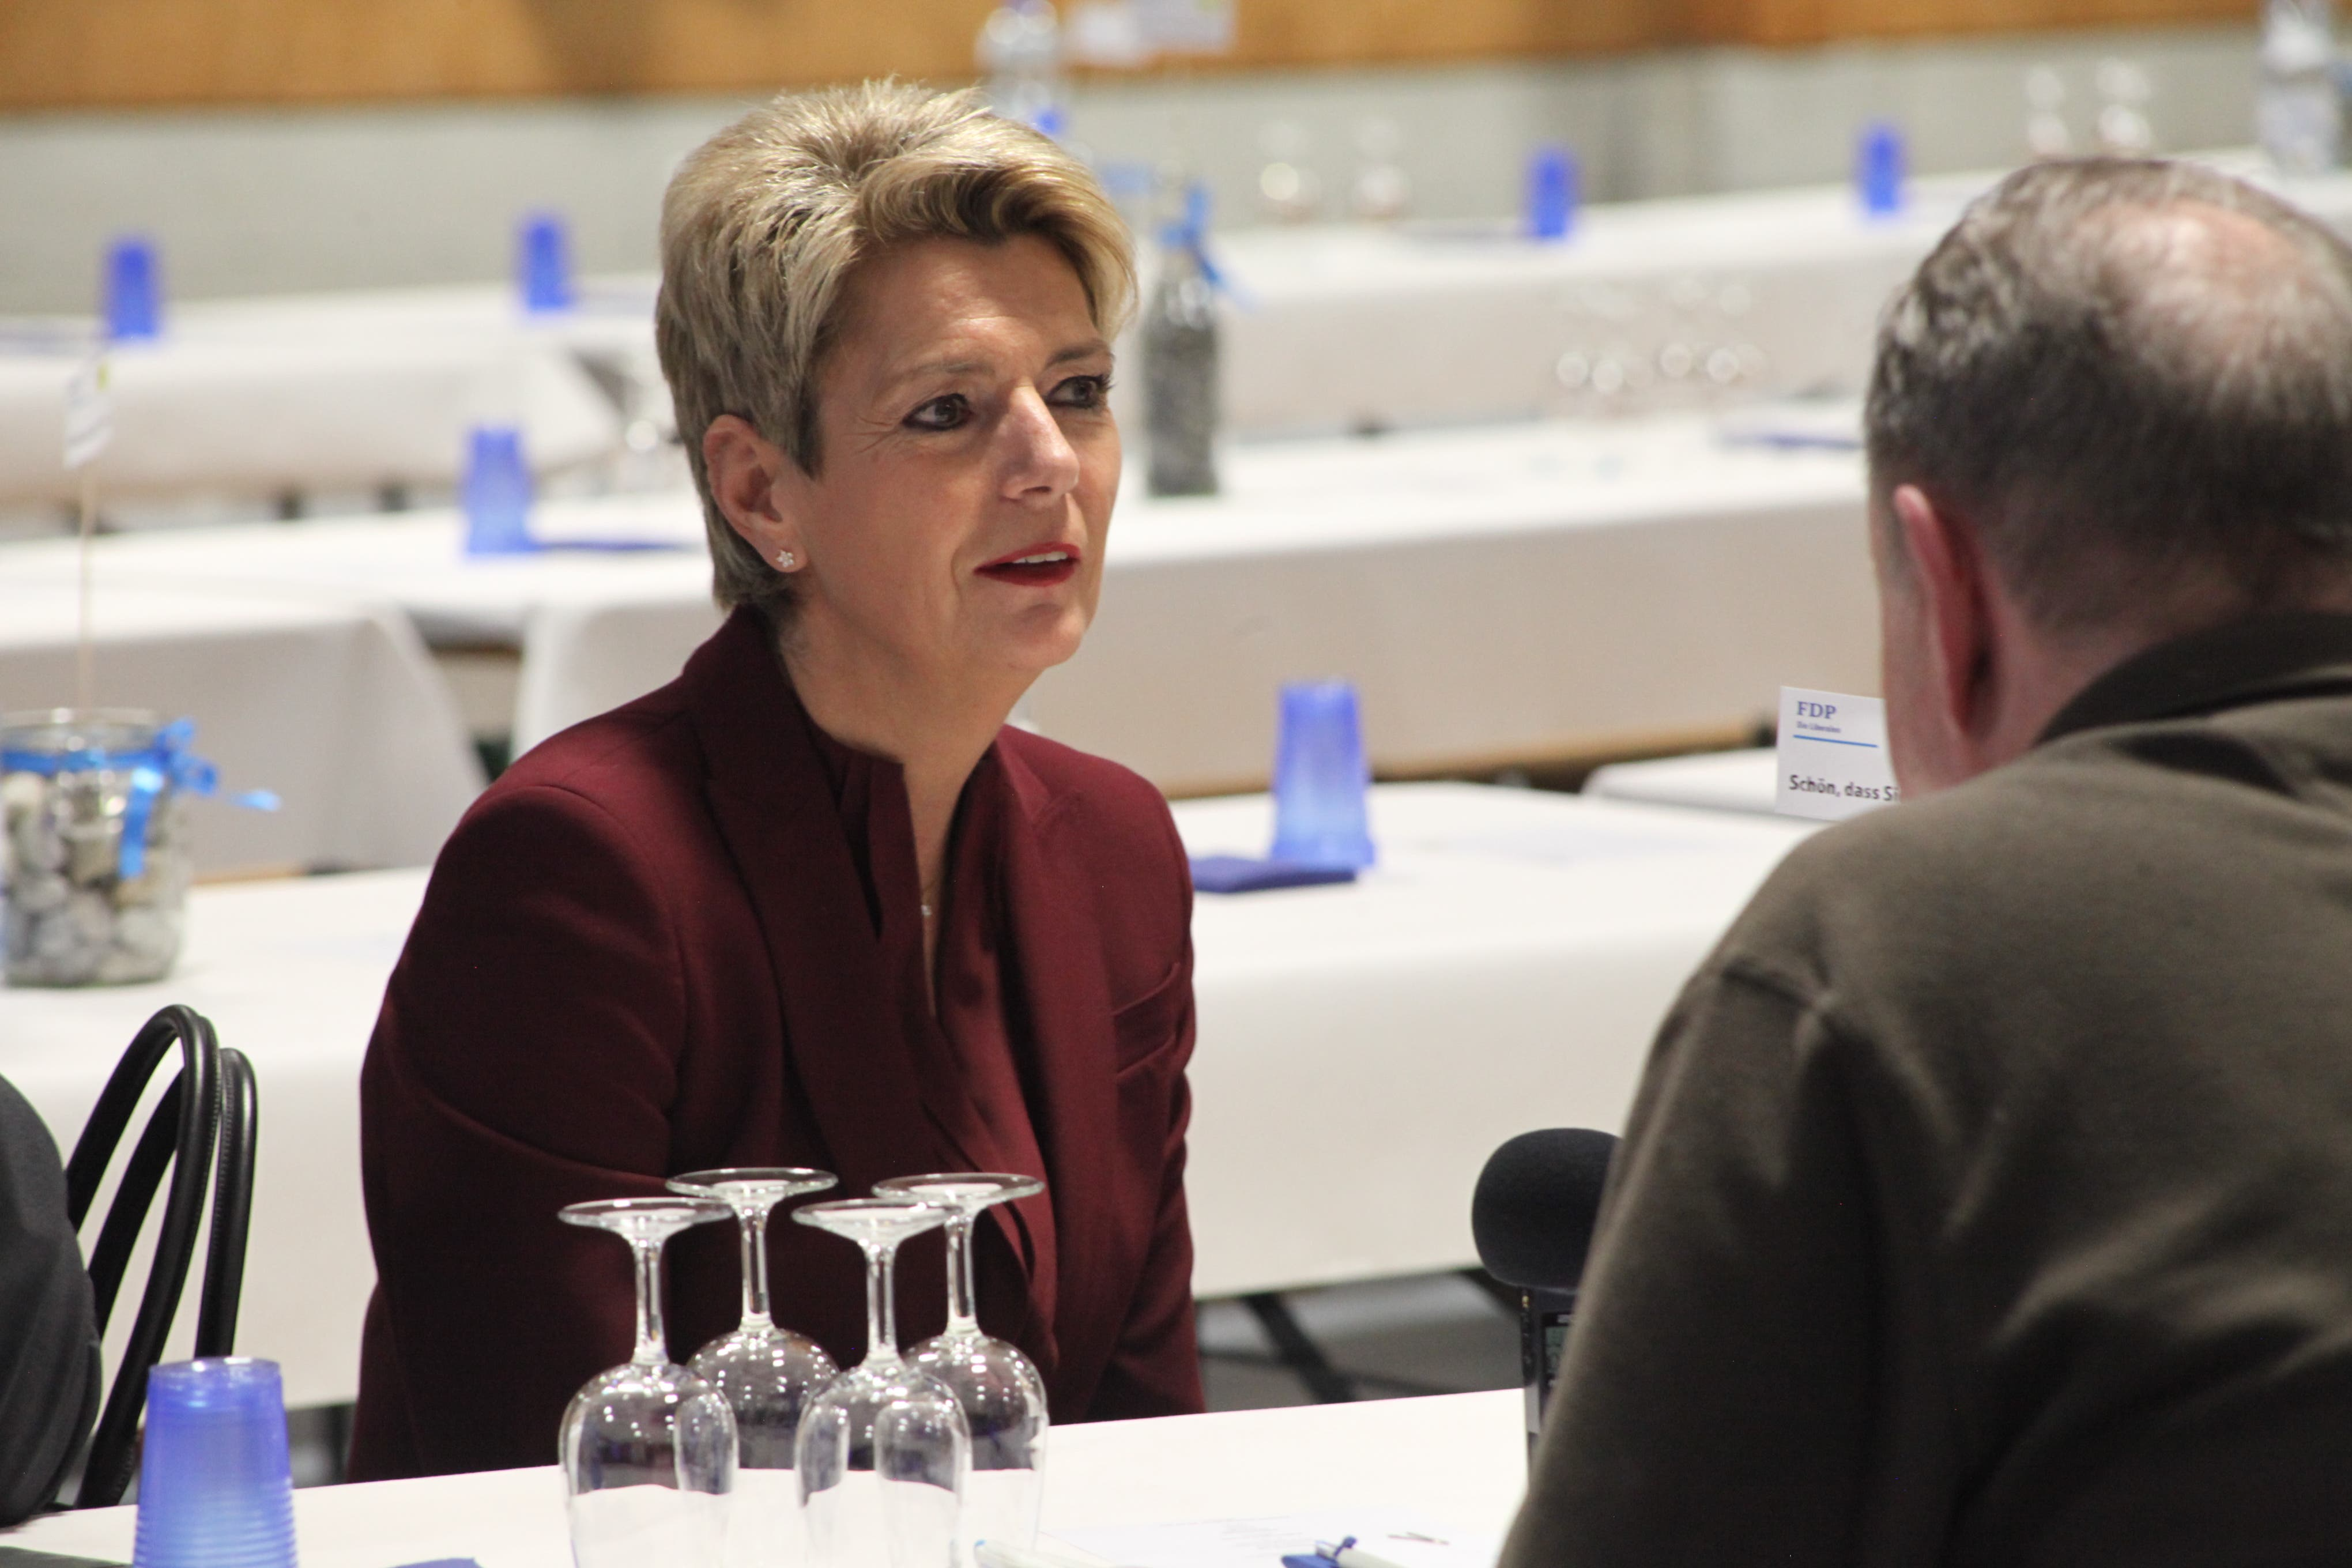 FDP-Volksanlass in der Rollhockey-Halle in Seedorf. Bundesrätin Karin Keller-Sutter im Gespräch mit Urnern.